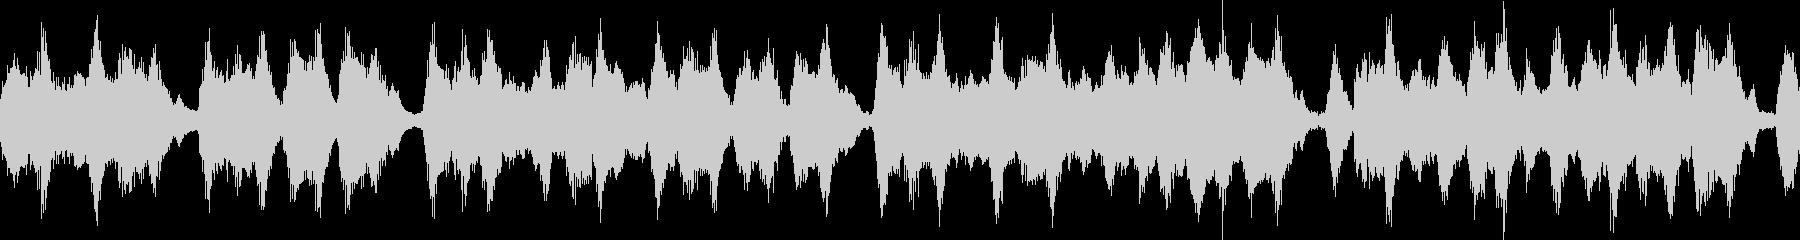 哀しい雰囲気のクラシックジングル_ループの未再生の波形